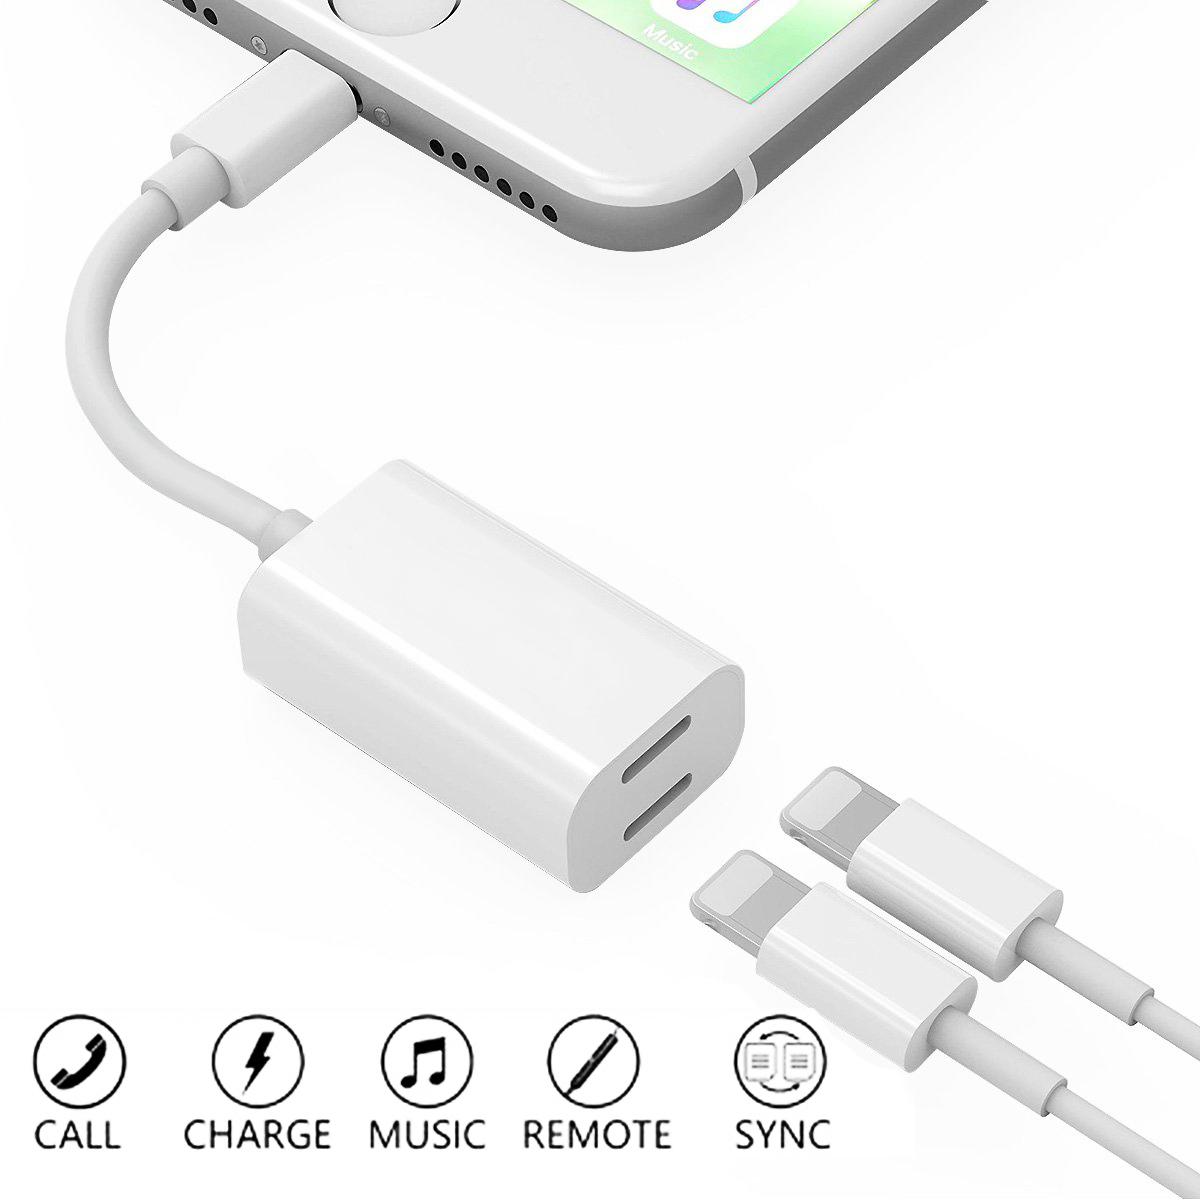 Iphone 7 earphones adapter - original iphone 6plus earphones